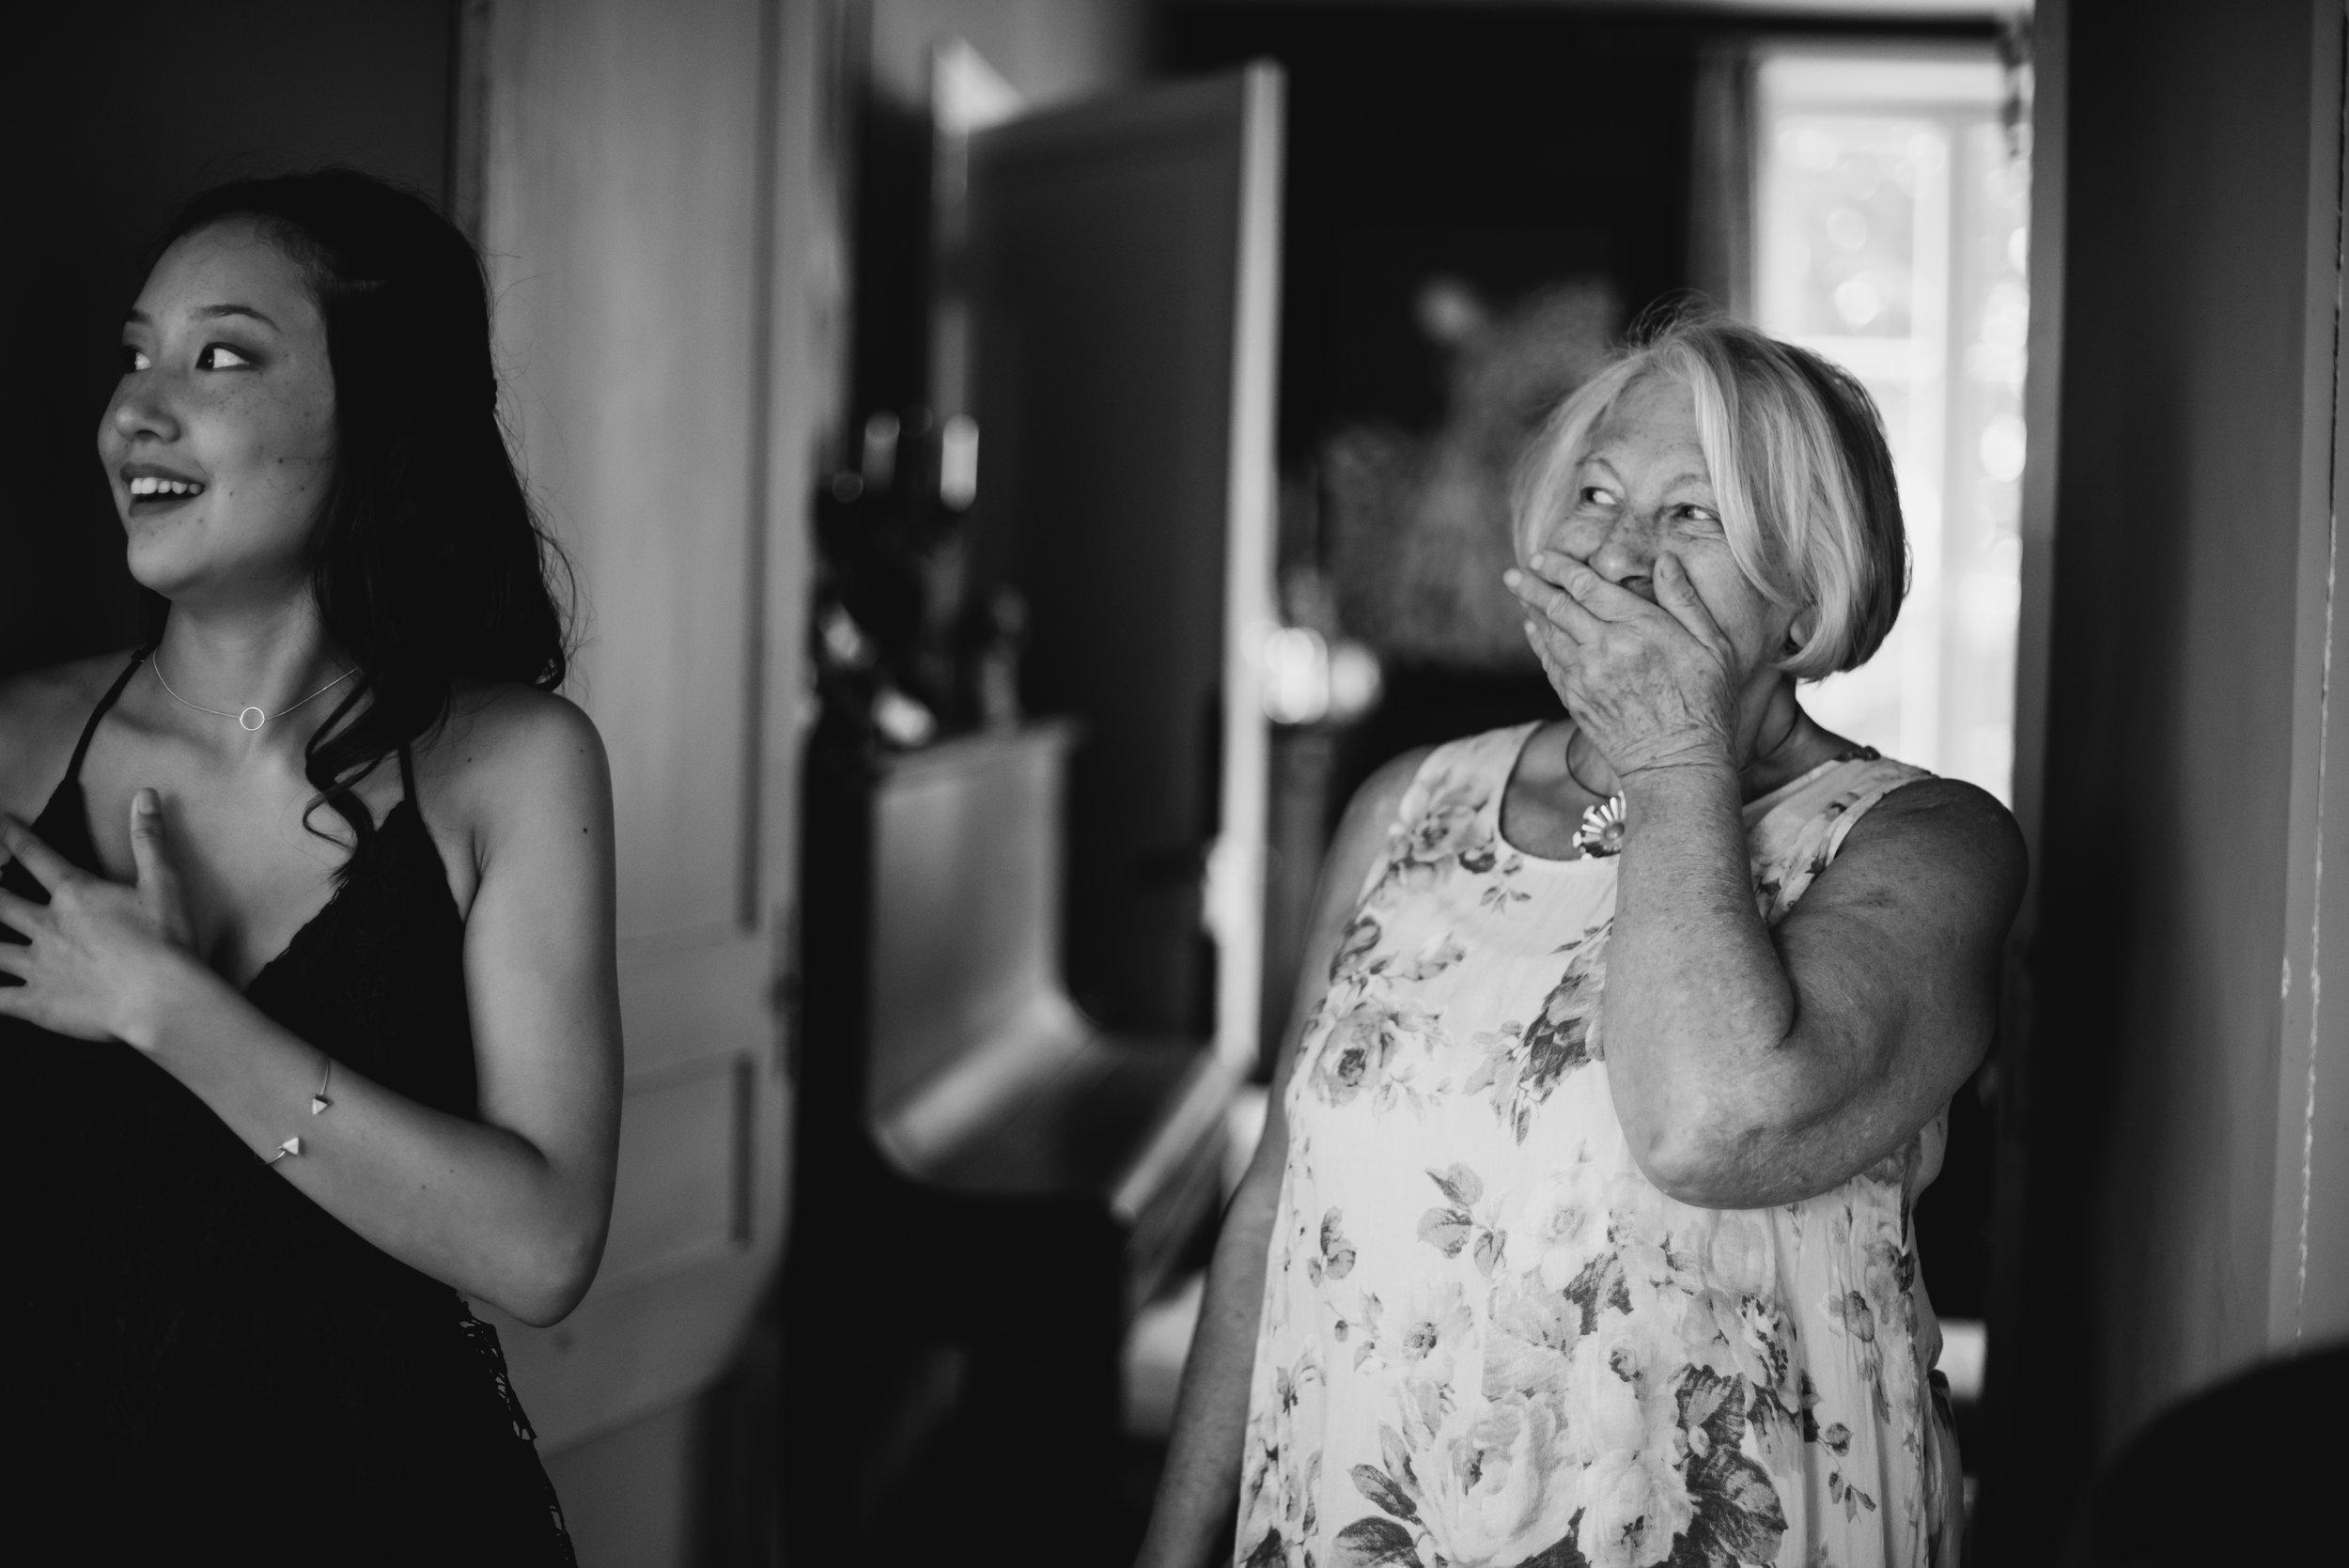 Léa-Fery-photographe-professionnel-lyon-rhone-alpes-portrait-creation-mariage-evenement-evenementiel-famille-7370.jpg